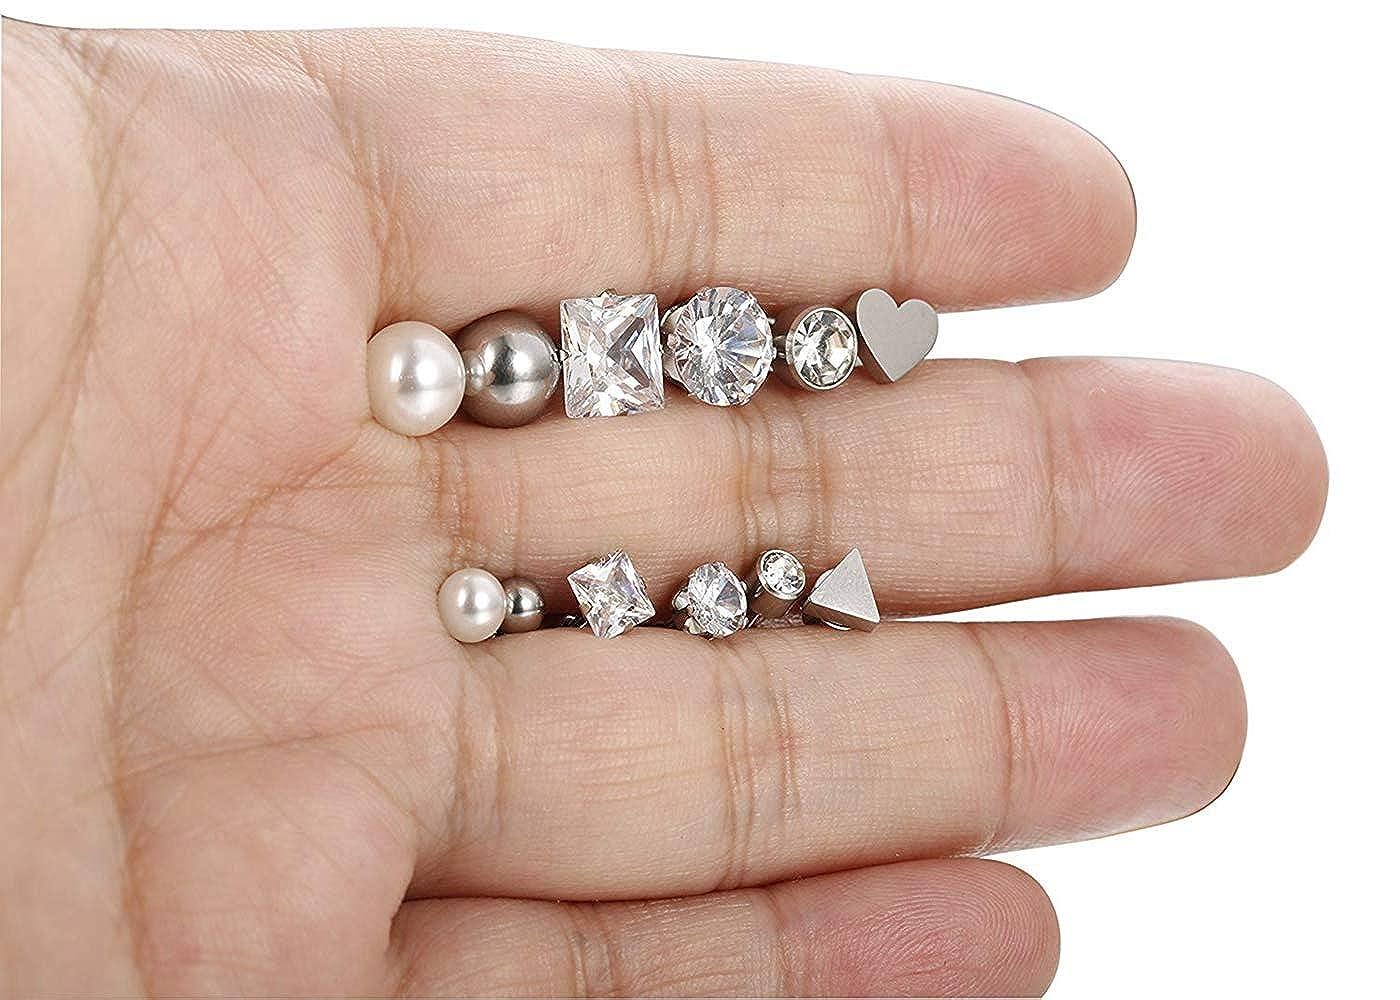 sailimue 12 Paires Boucles doreille en Acier inoxydable pour Femme Filles Ballon C/œur Triangle Faux Perle CZ Clou doreille